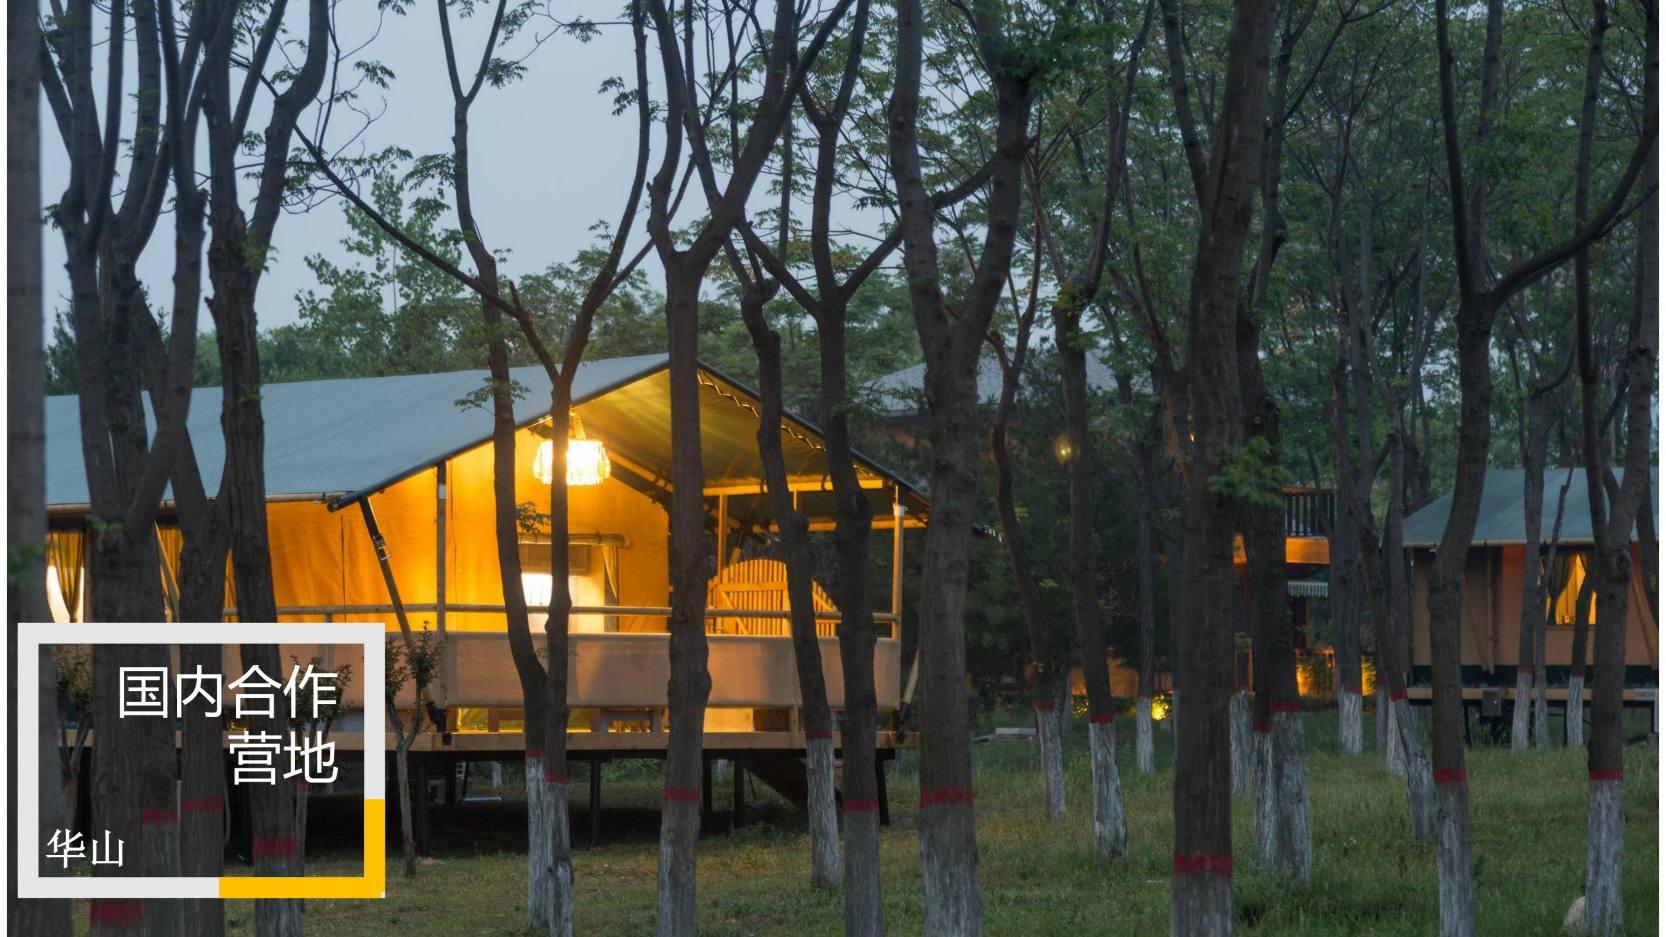 喜马拉雅野奢帐篷 (30)